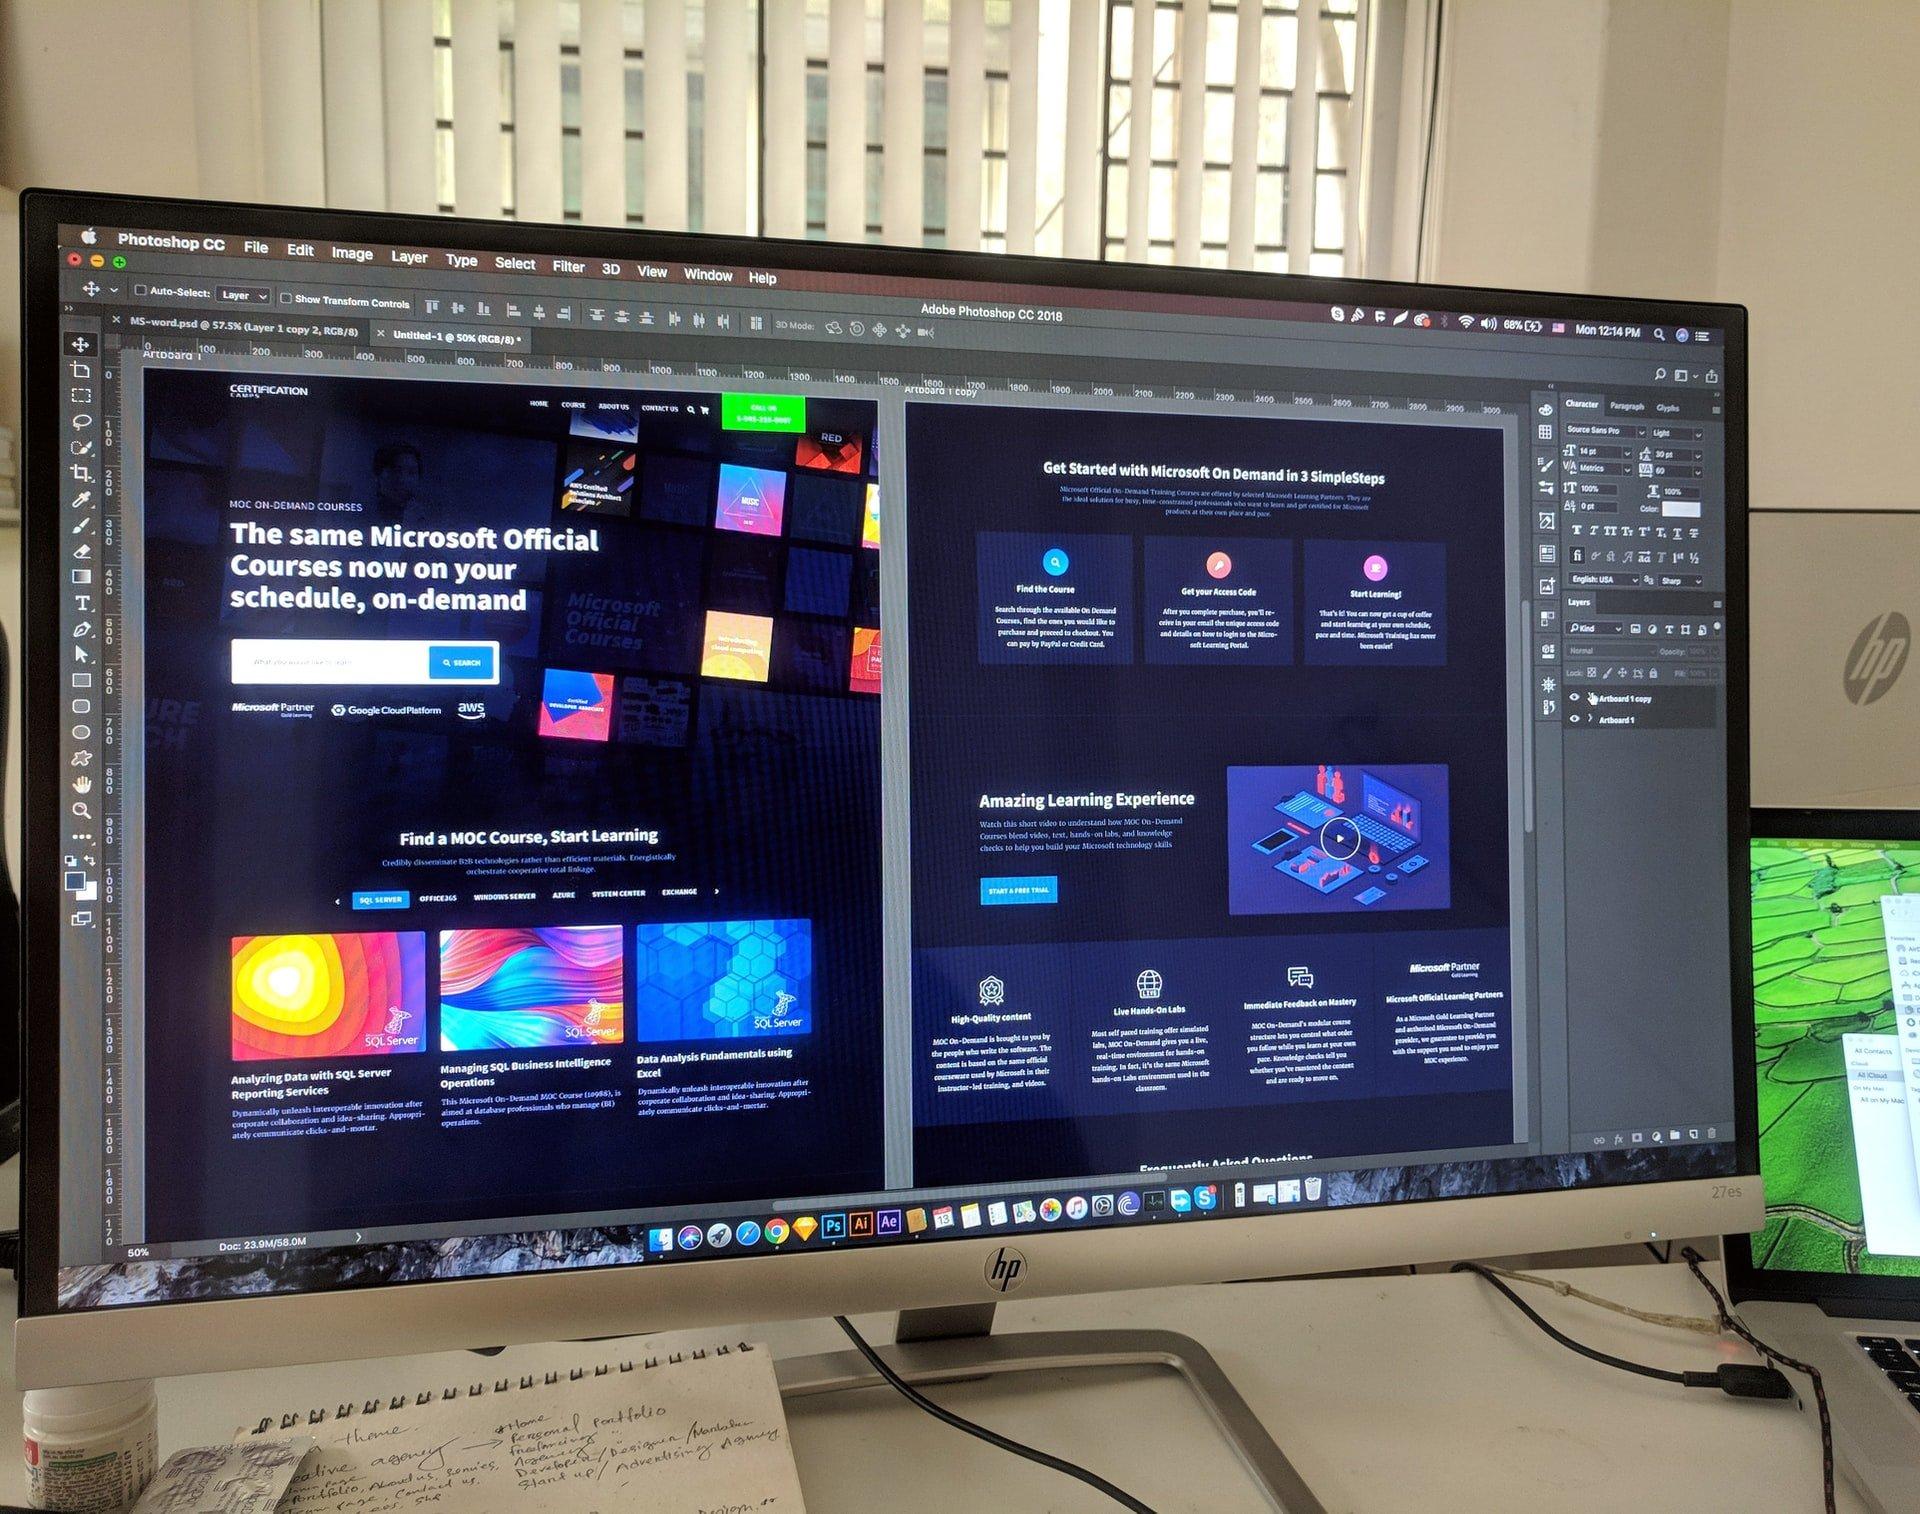 ¿Cómo conseguir empleo de diseñador gráfico? - cr1412-foto-1